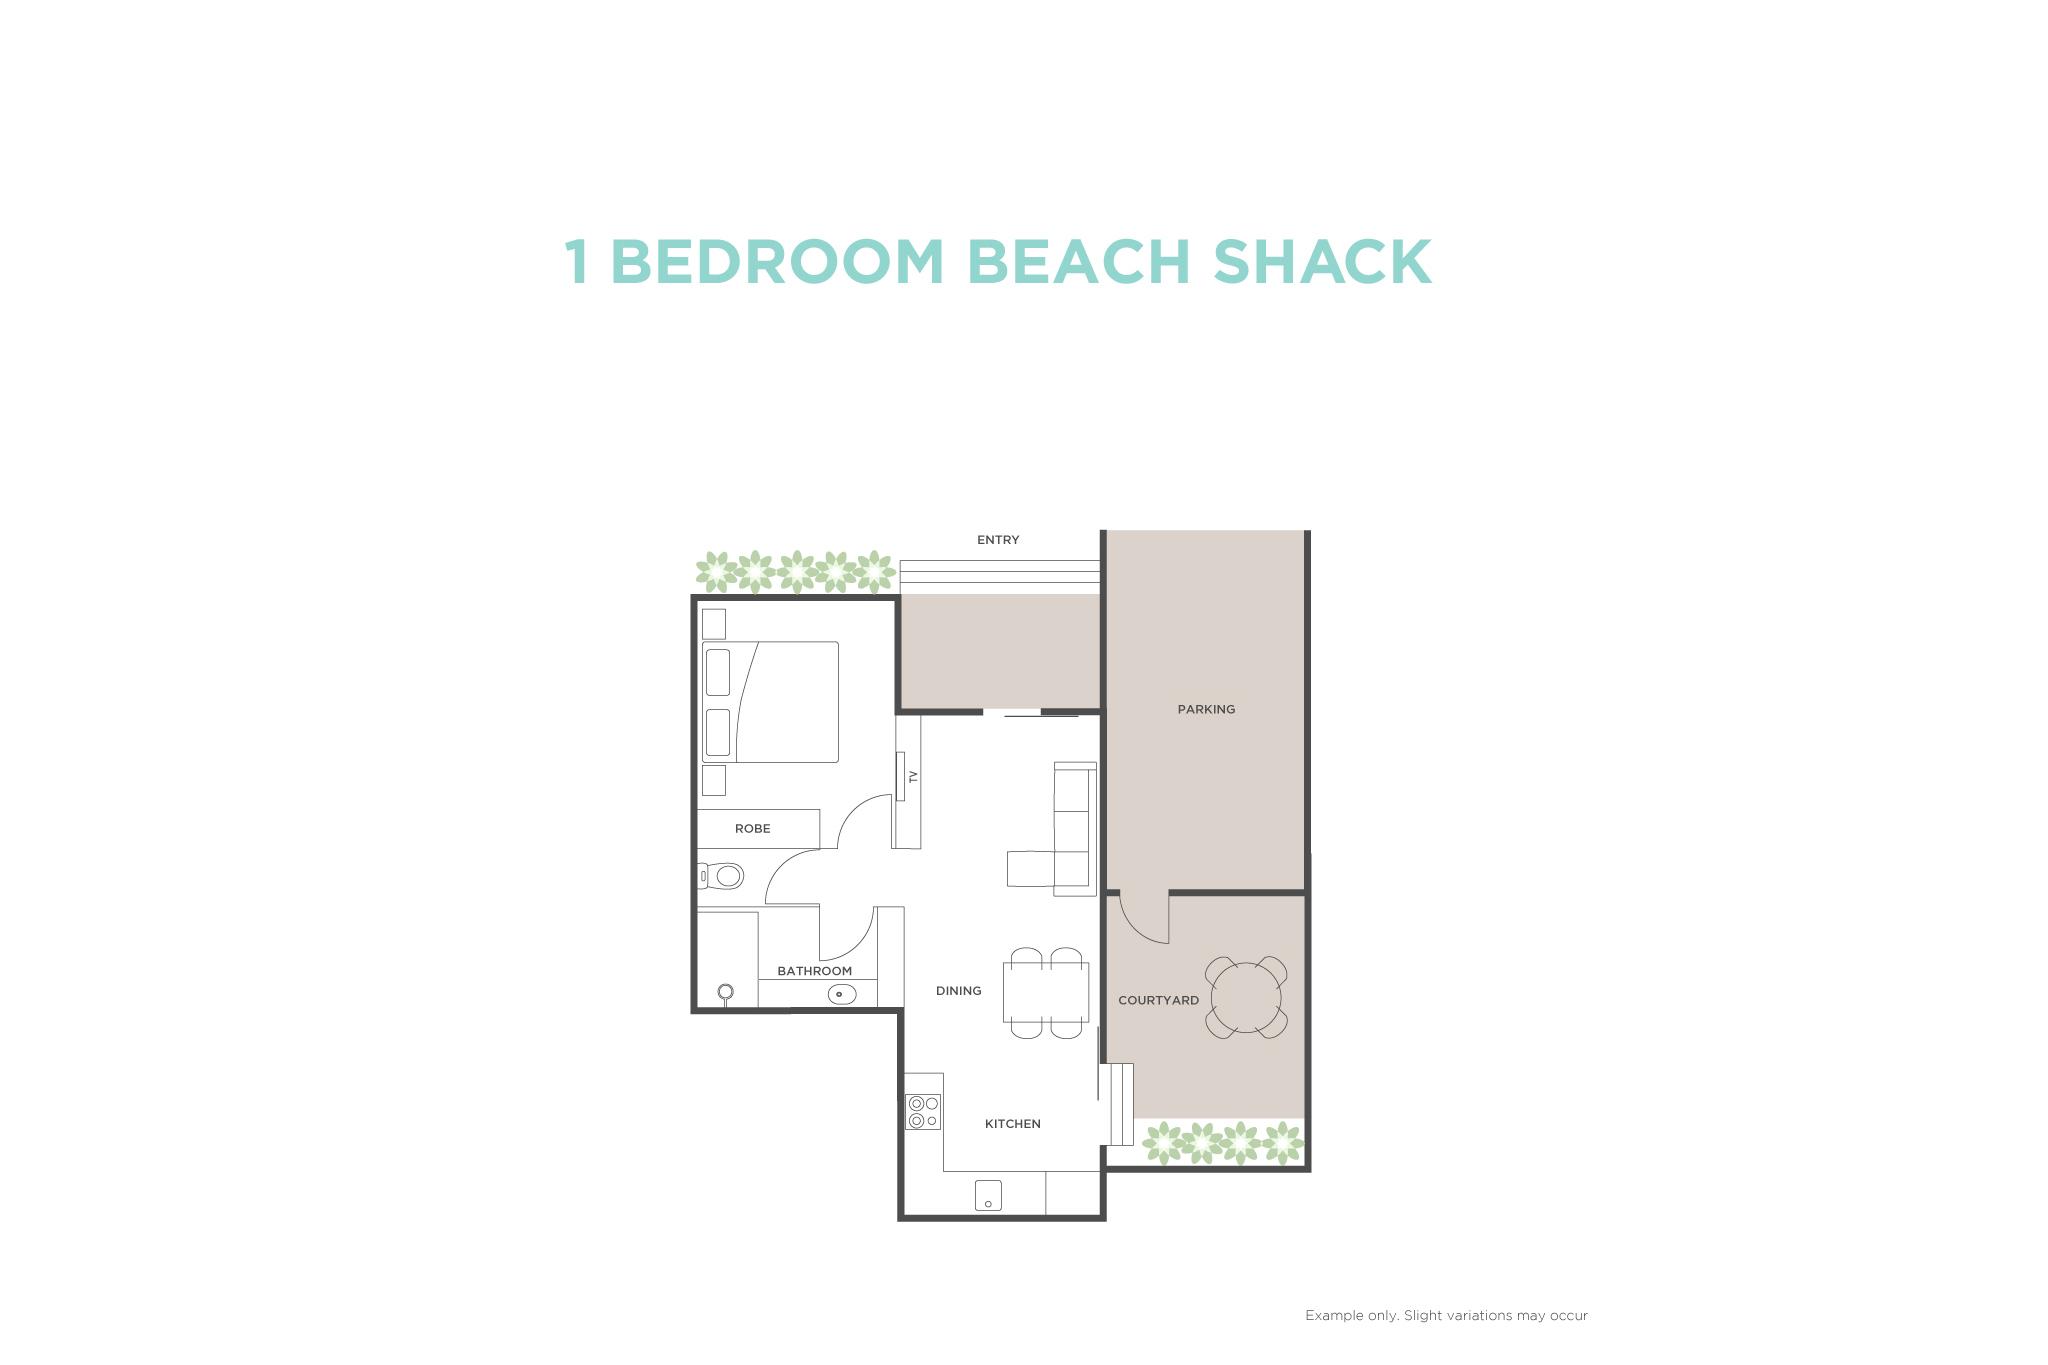 1 Bedroom Beach Shack floor plan